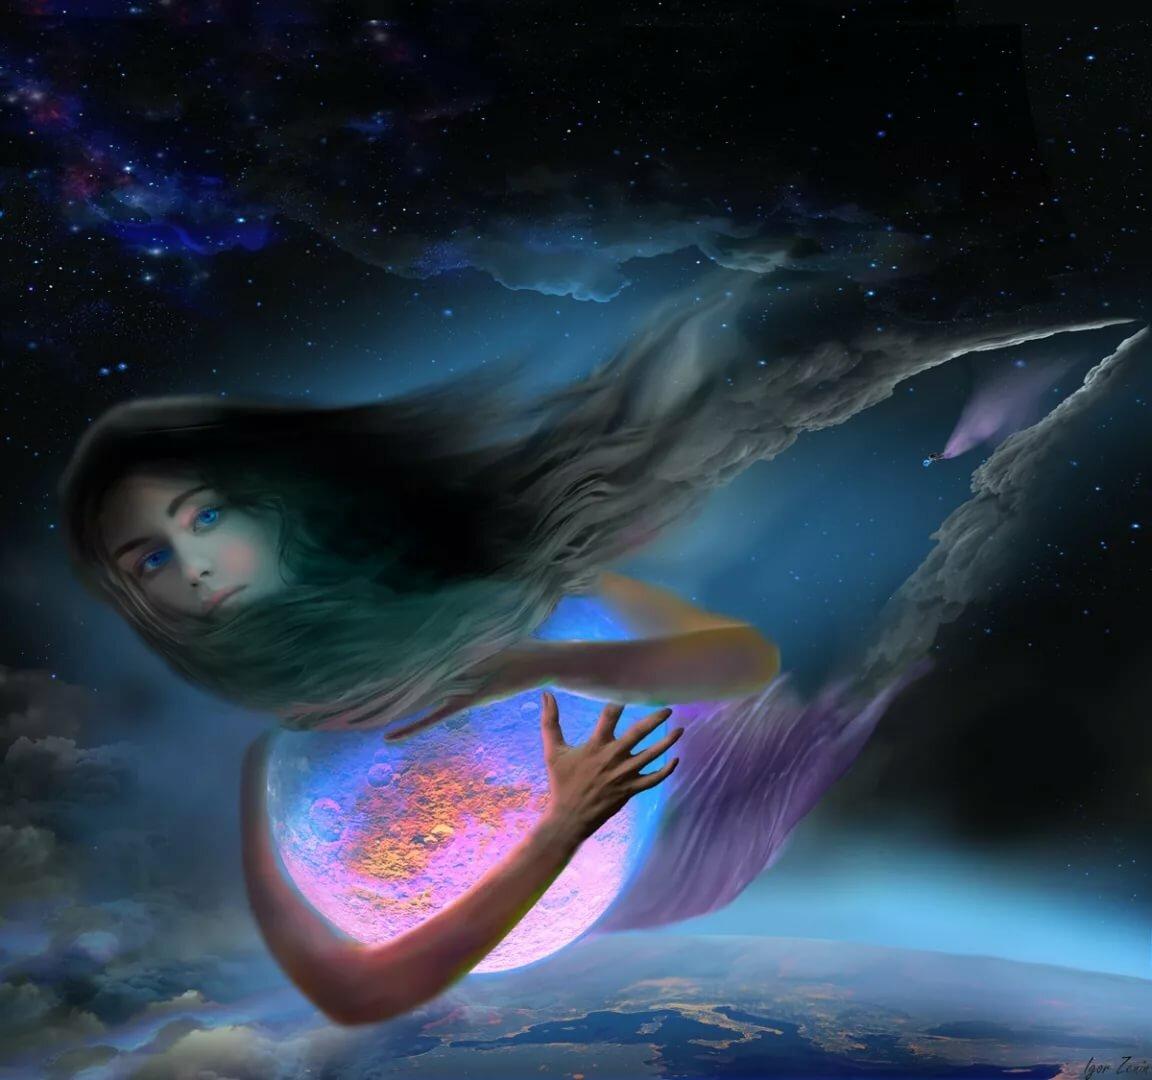 форма более русалка в небе видны планеты картинки есть несколько идей